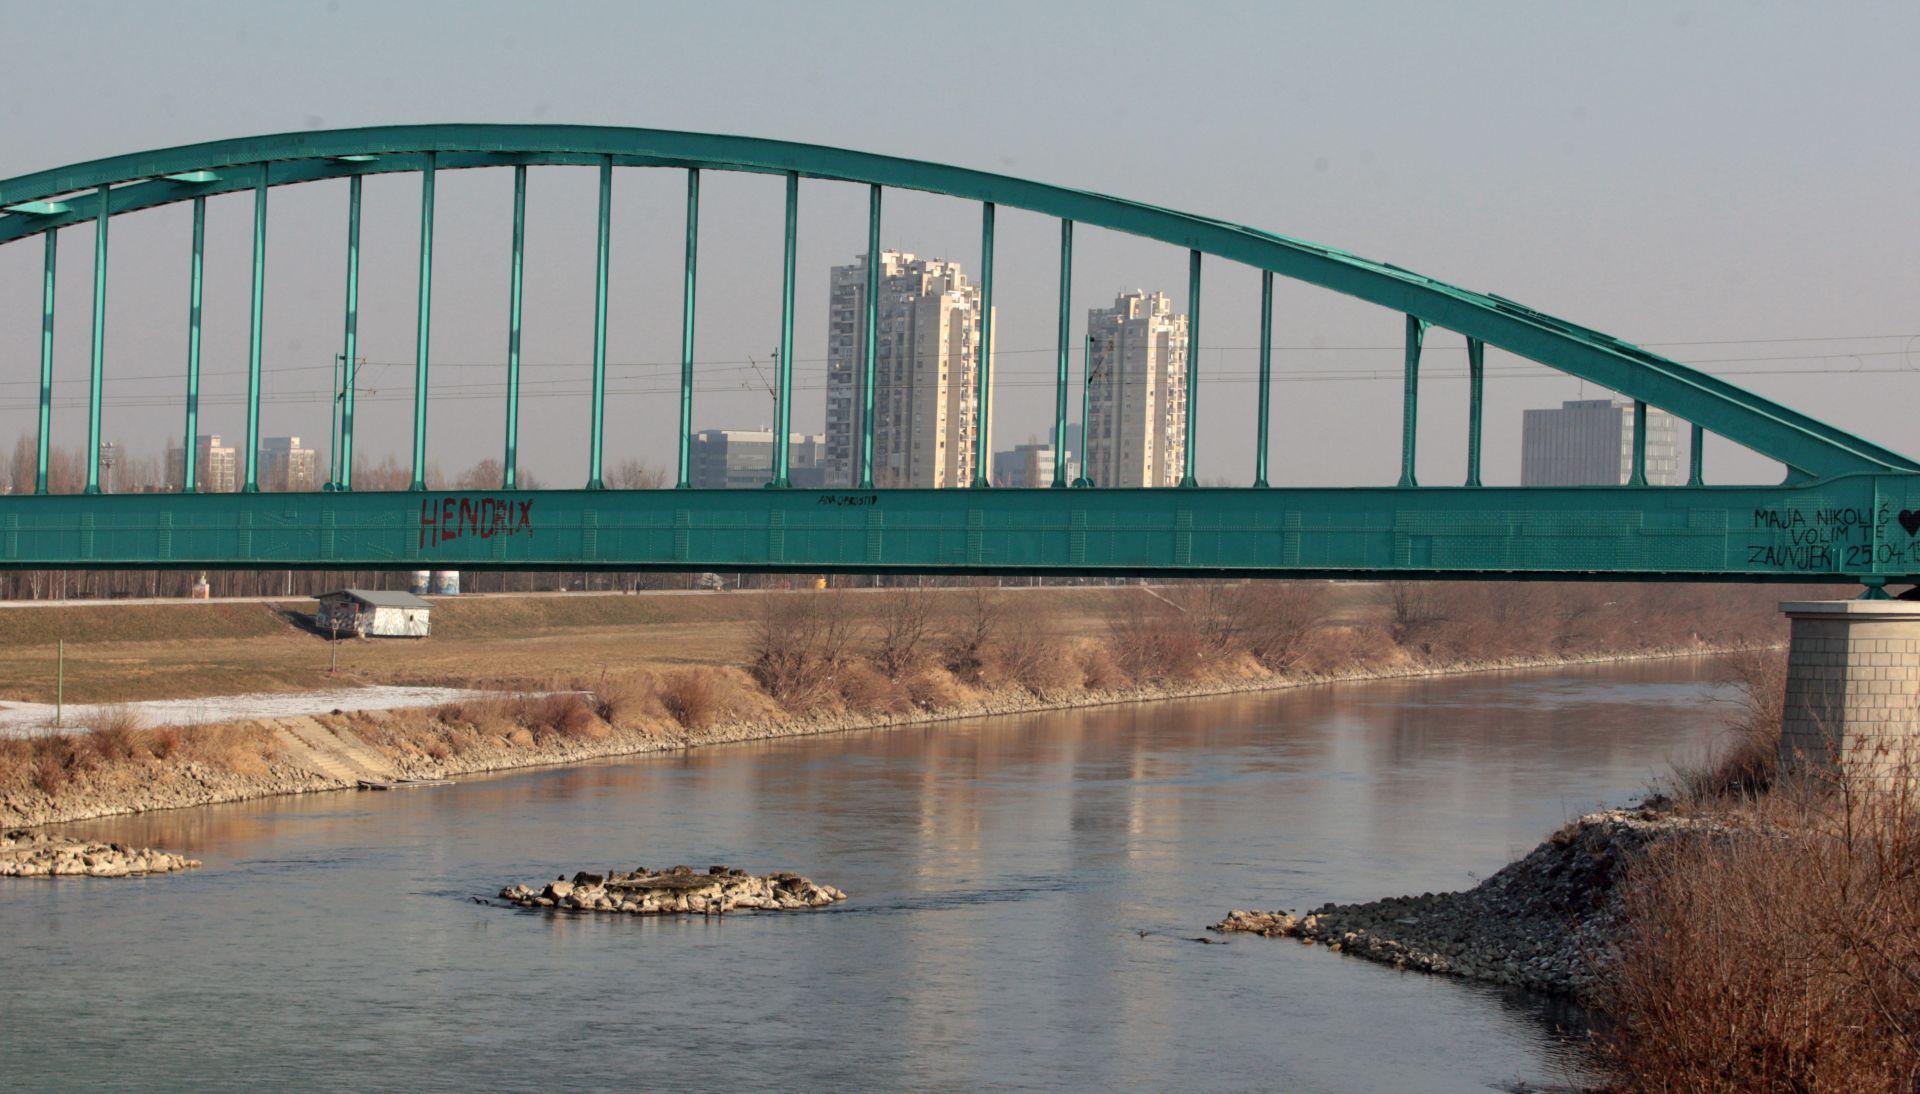 Po treći put uklonjen grafit Hendrix sa Zelenog mosta